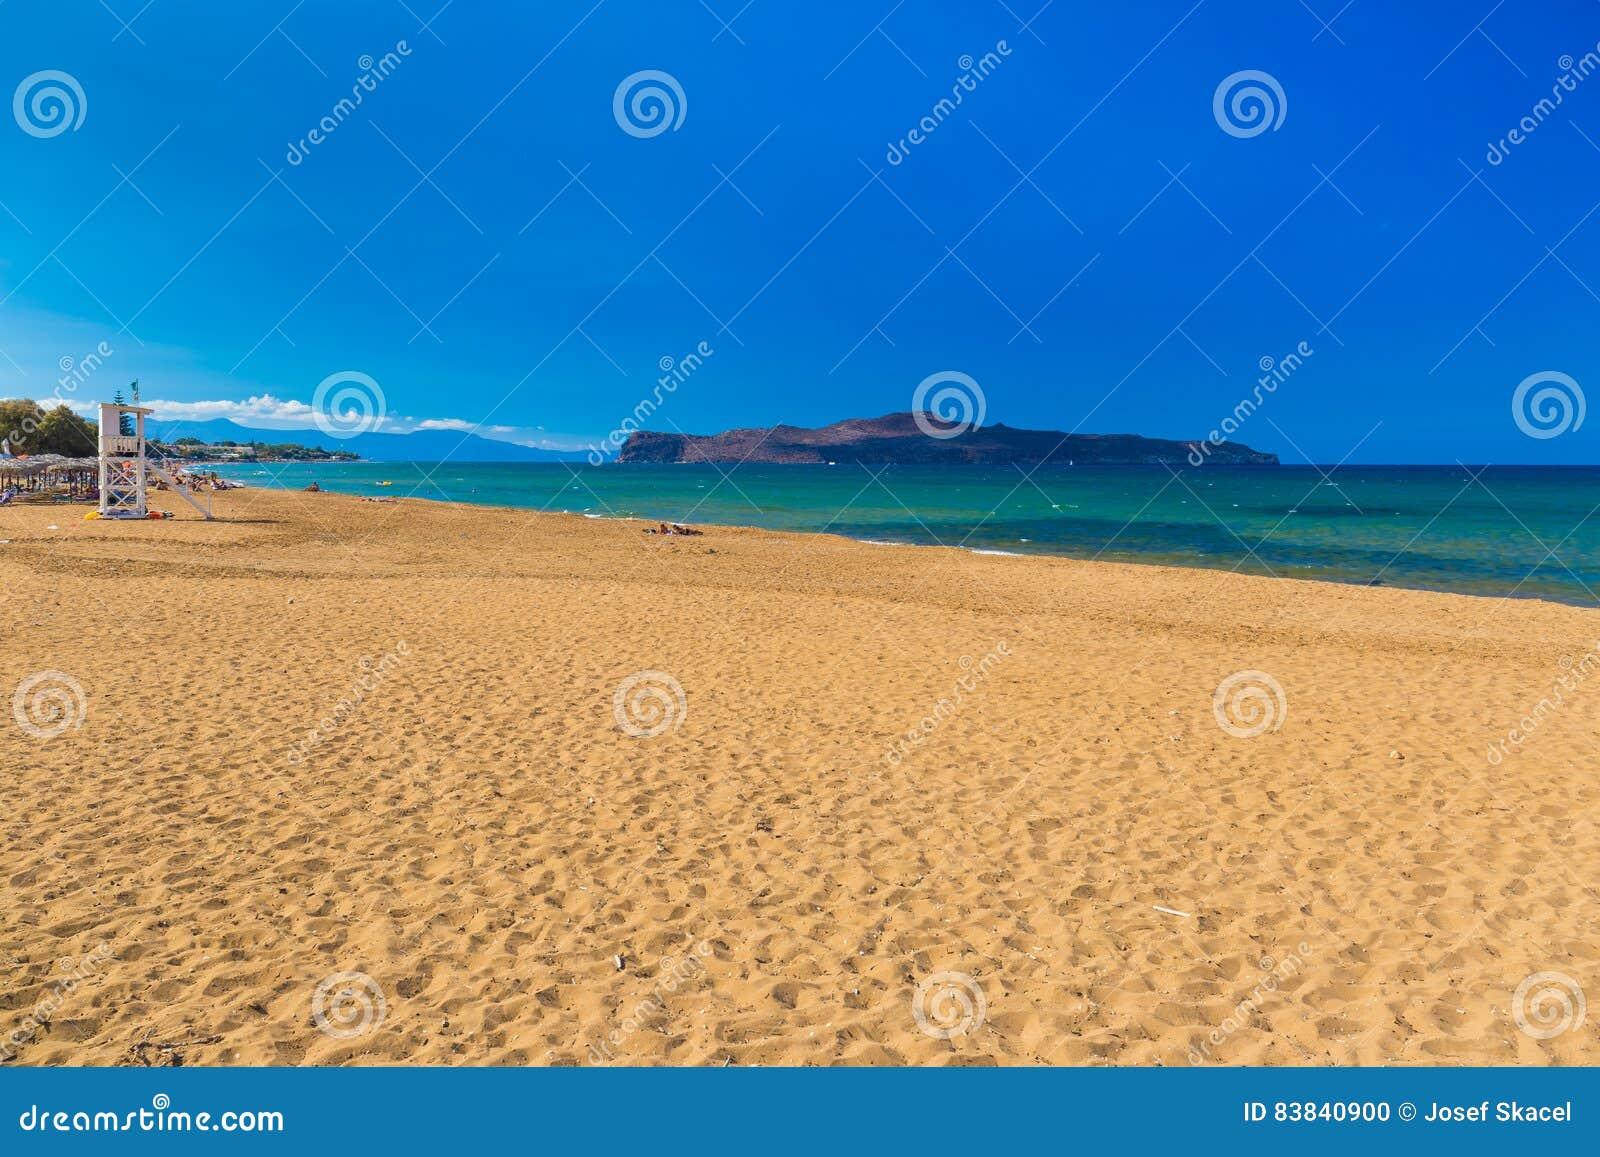 Пляж Kato Stalos, префектура Chania, западный Крит, Греция